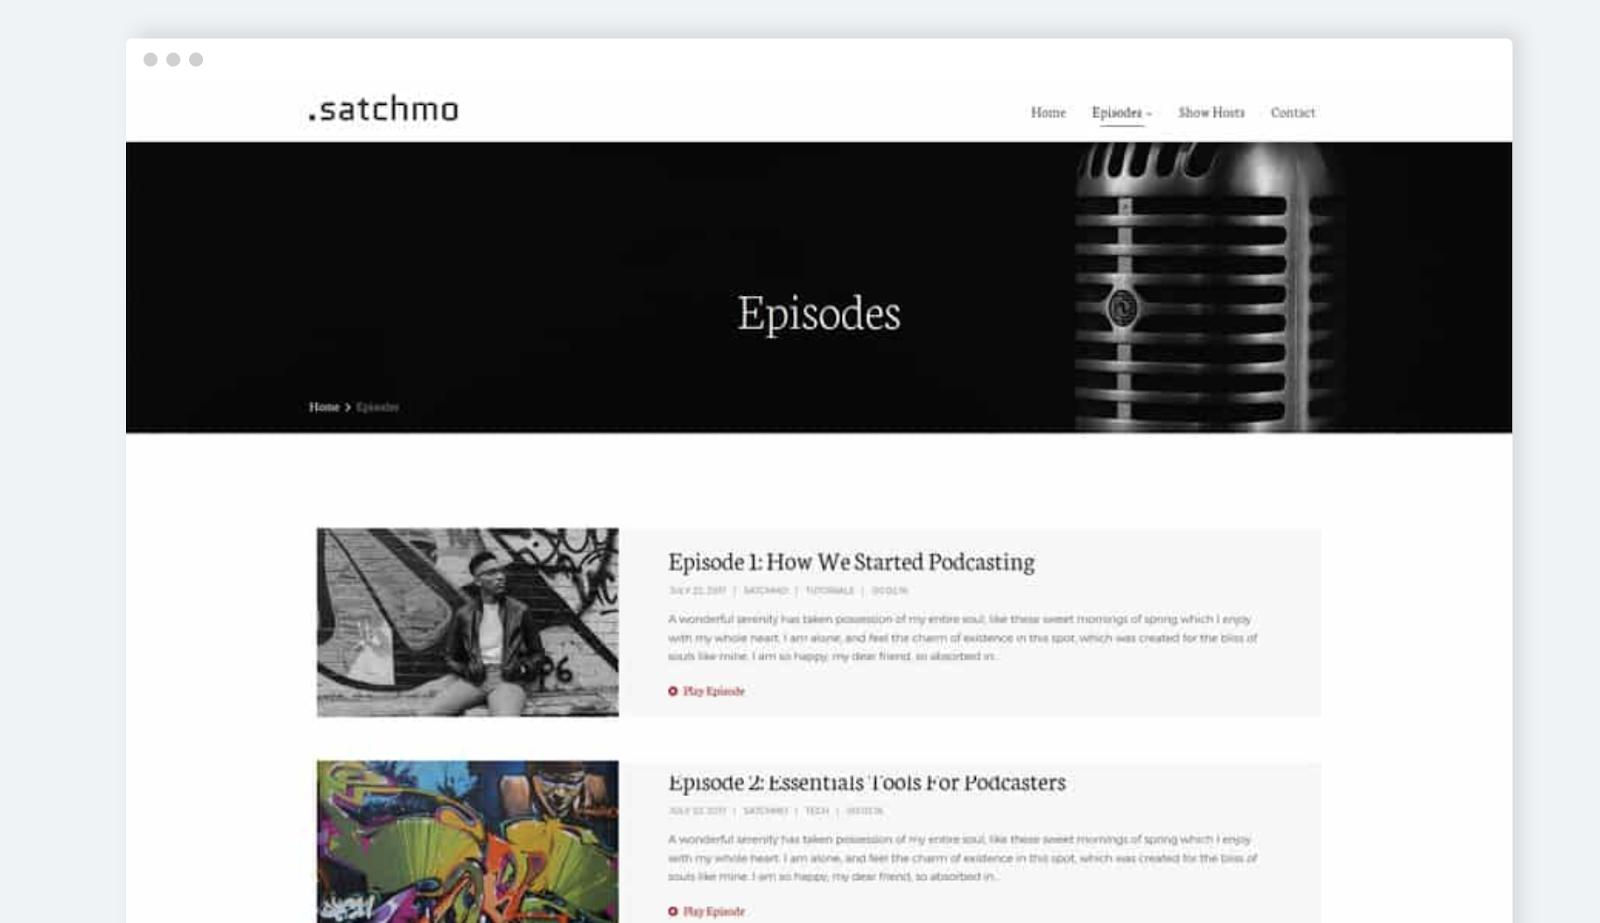 tema satchmo wordpress para la página de descarga de podcasts